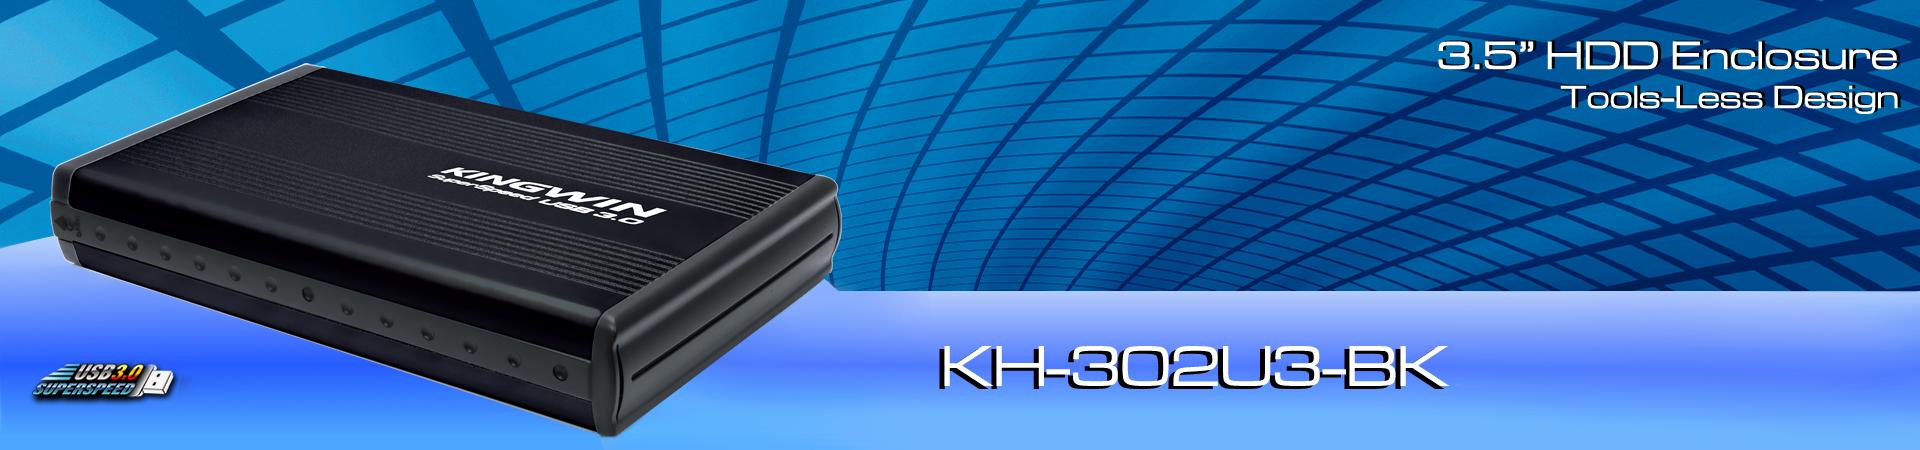 KF-253-bk_Banner_2015.fw